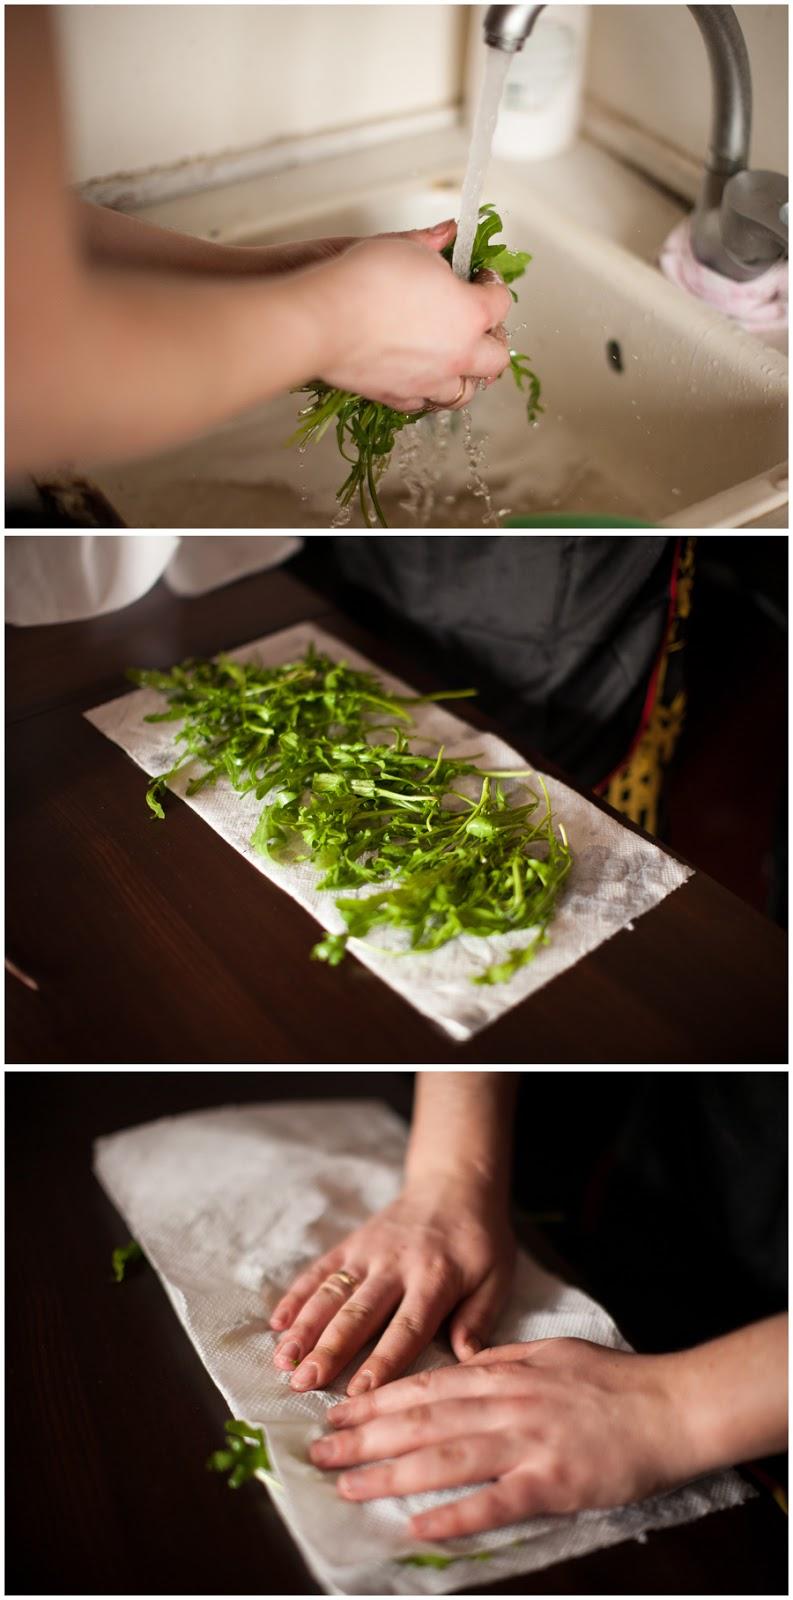 Перед употреблением свежую траву нужно вымыть в прохладной воде, встряхнуть, разложить на полотенце сушиться